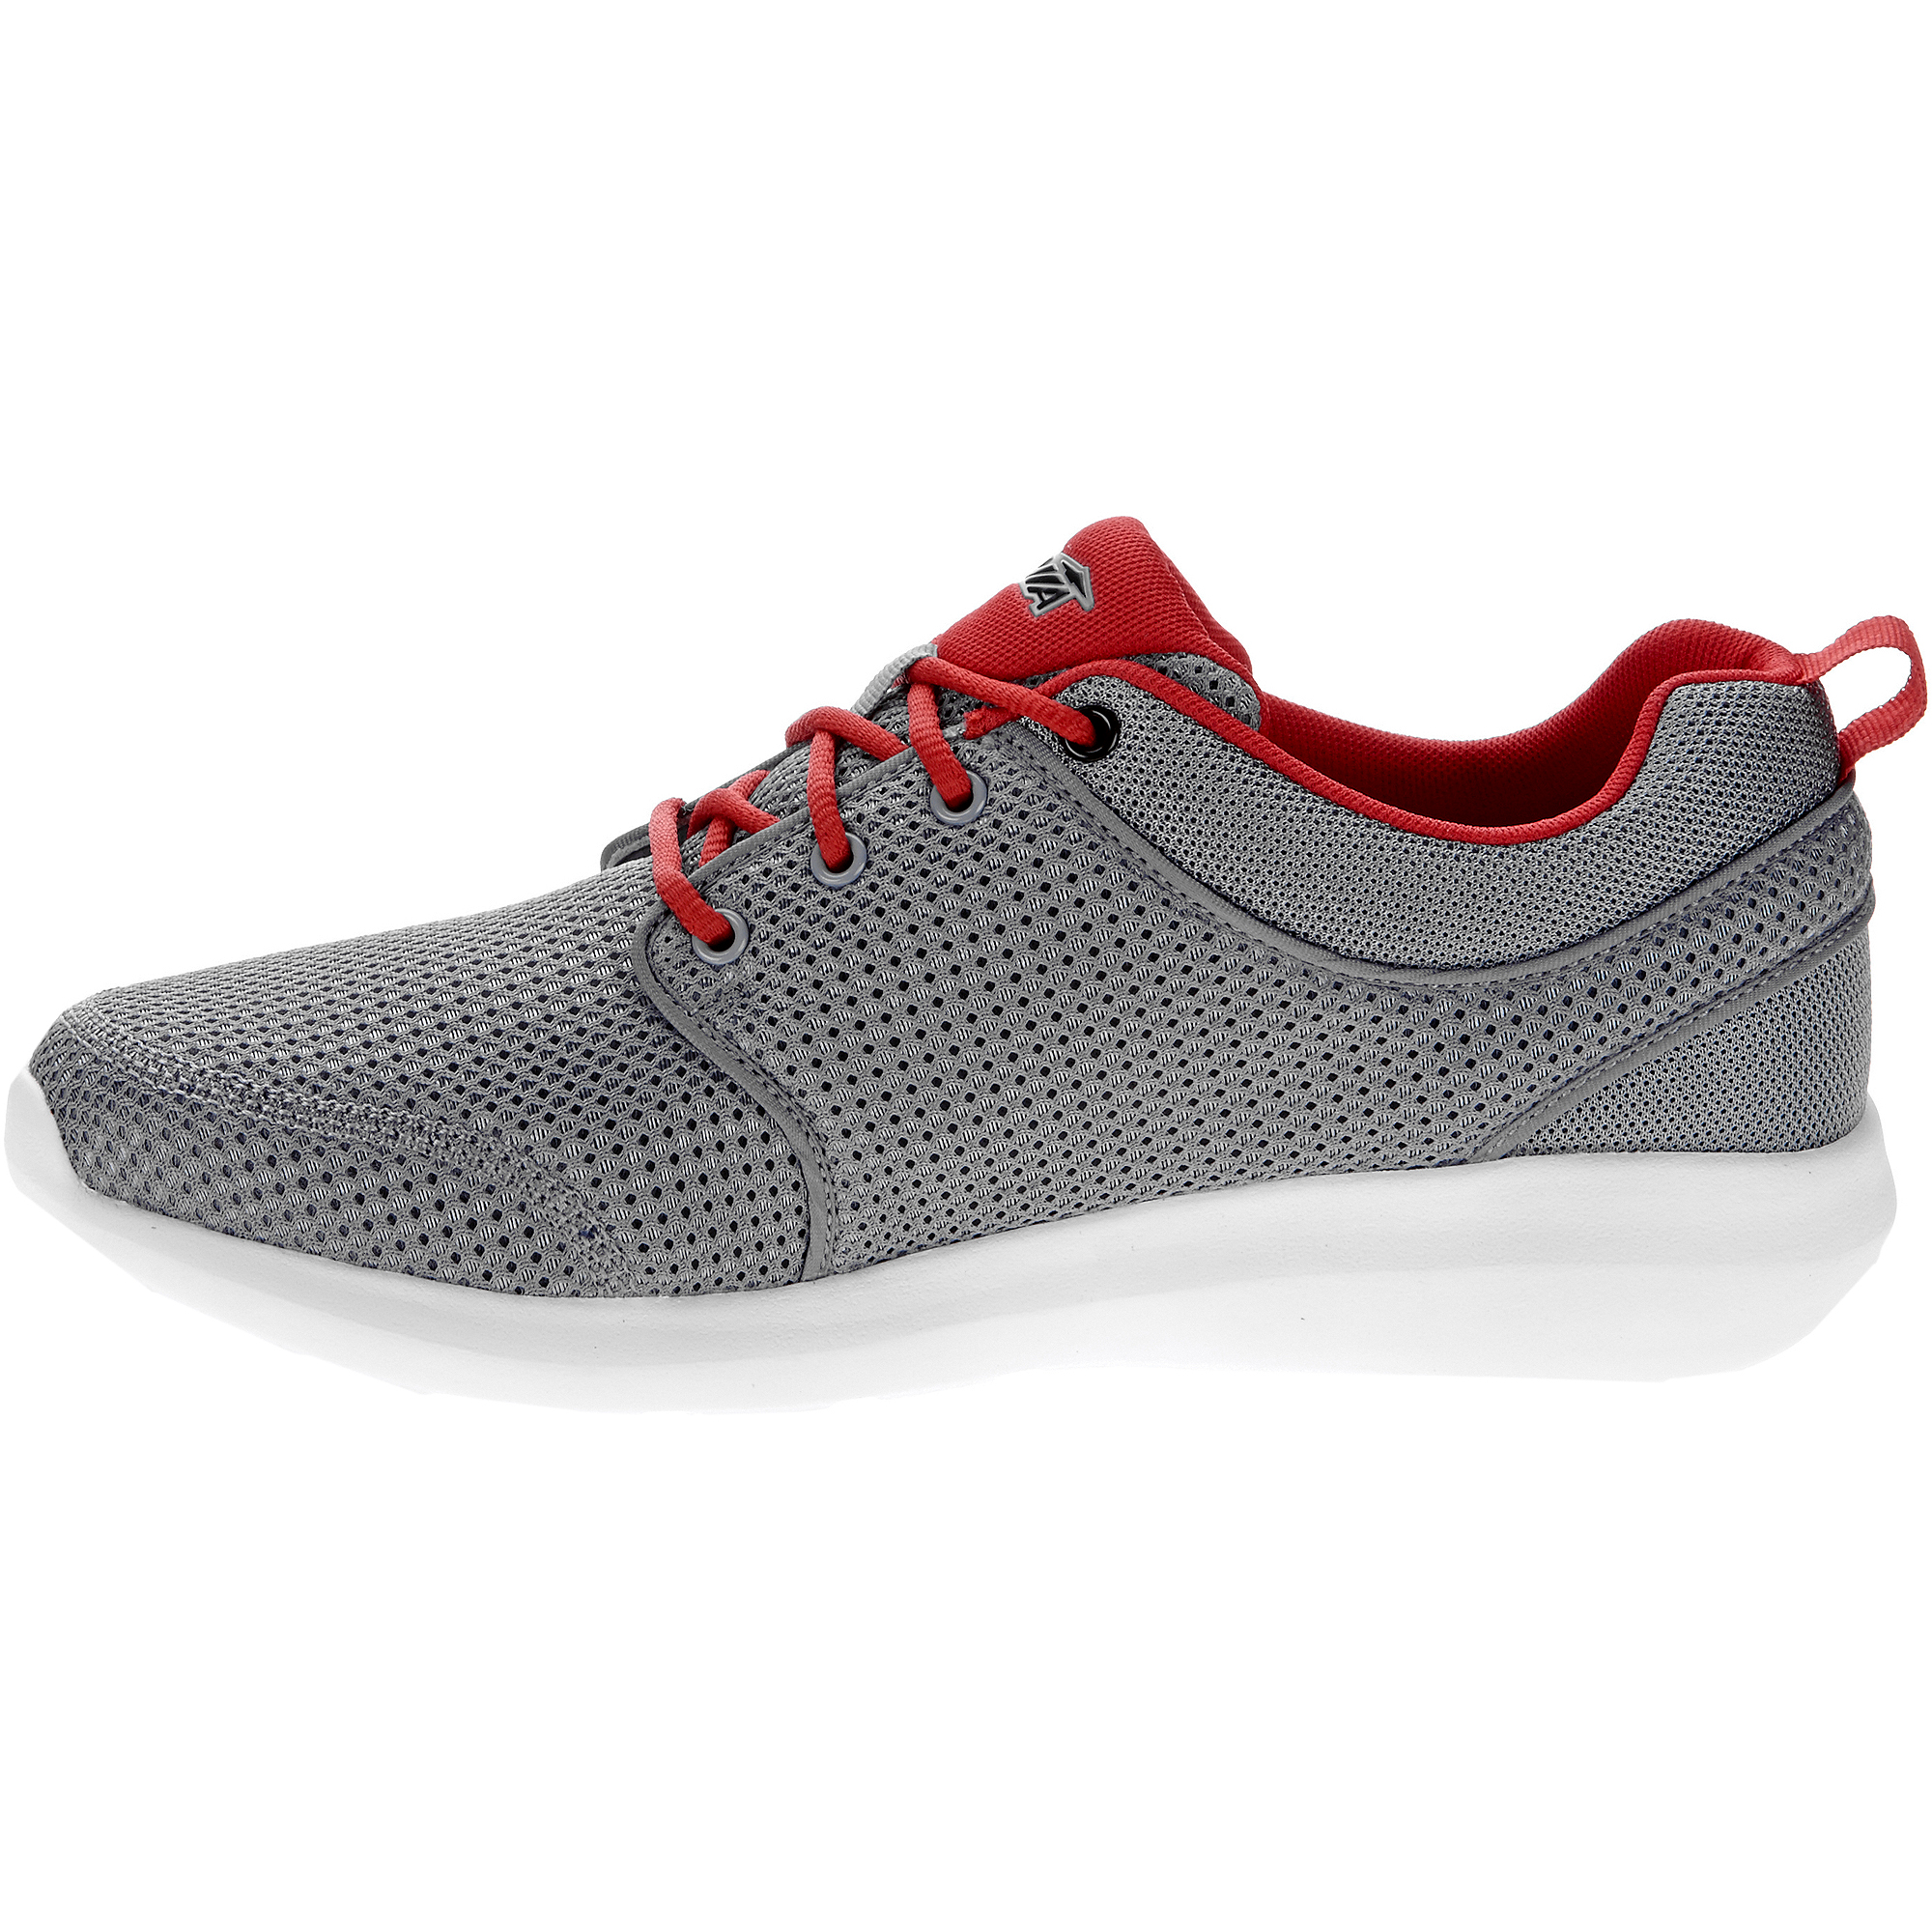 Avia Mens Athletic Shoes - Walmart.com